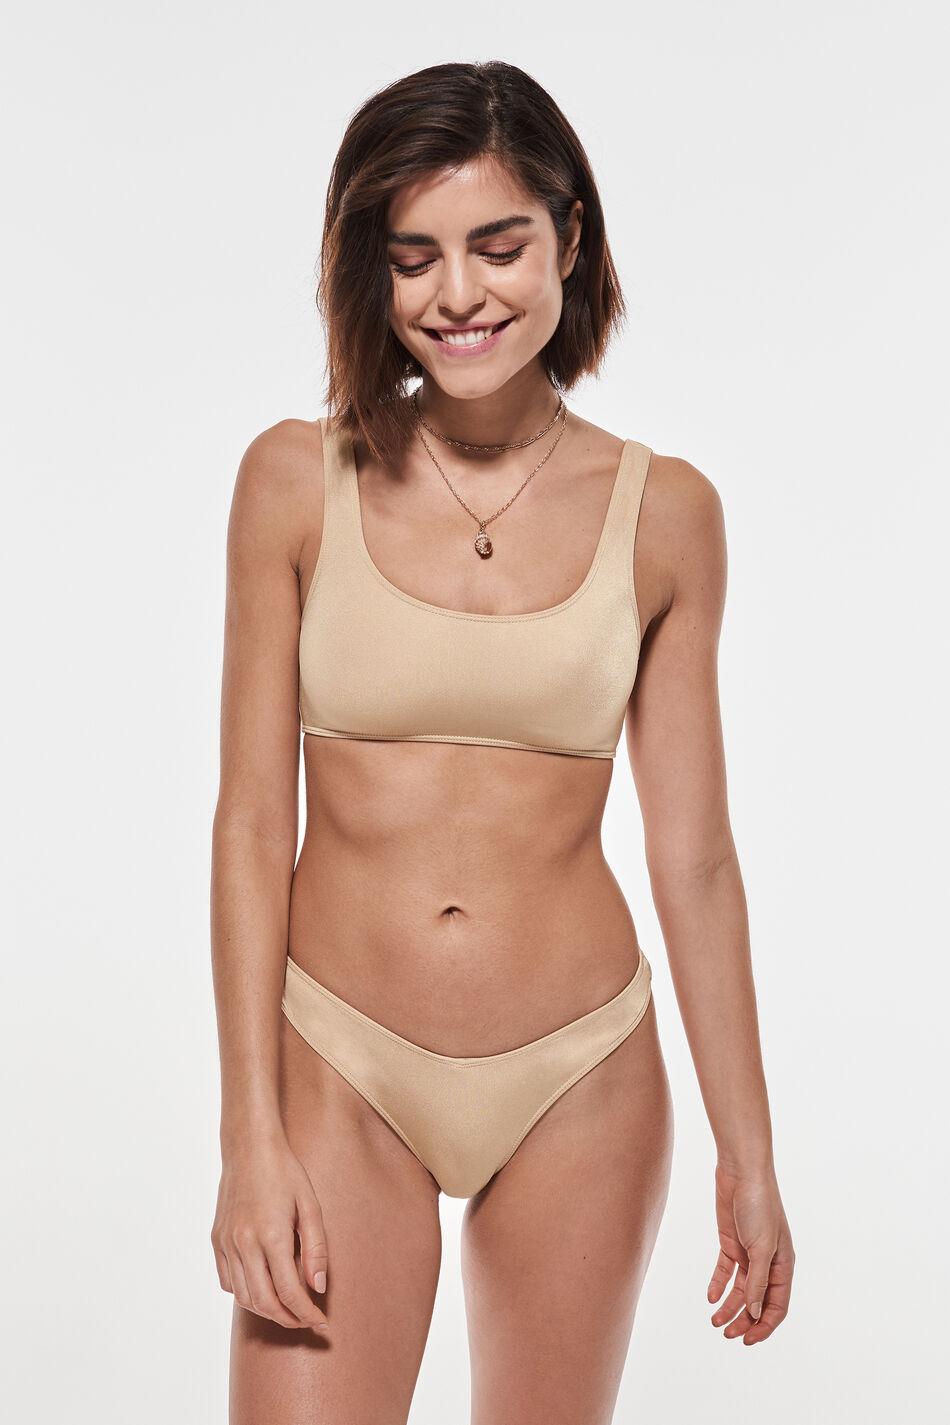 Gina Tricot Kelly bikini top XL Female Beige (1040)